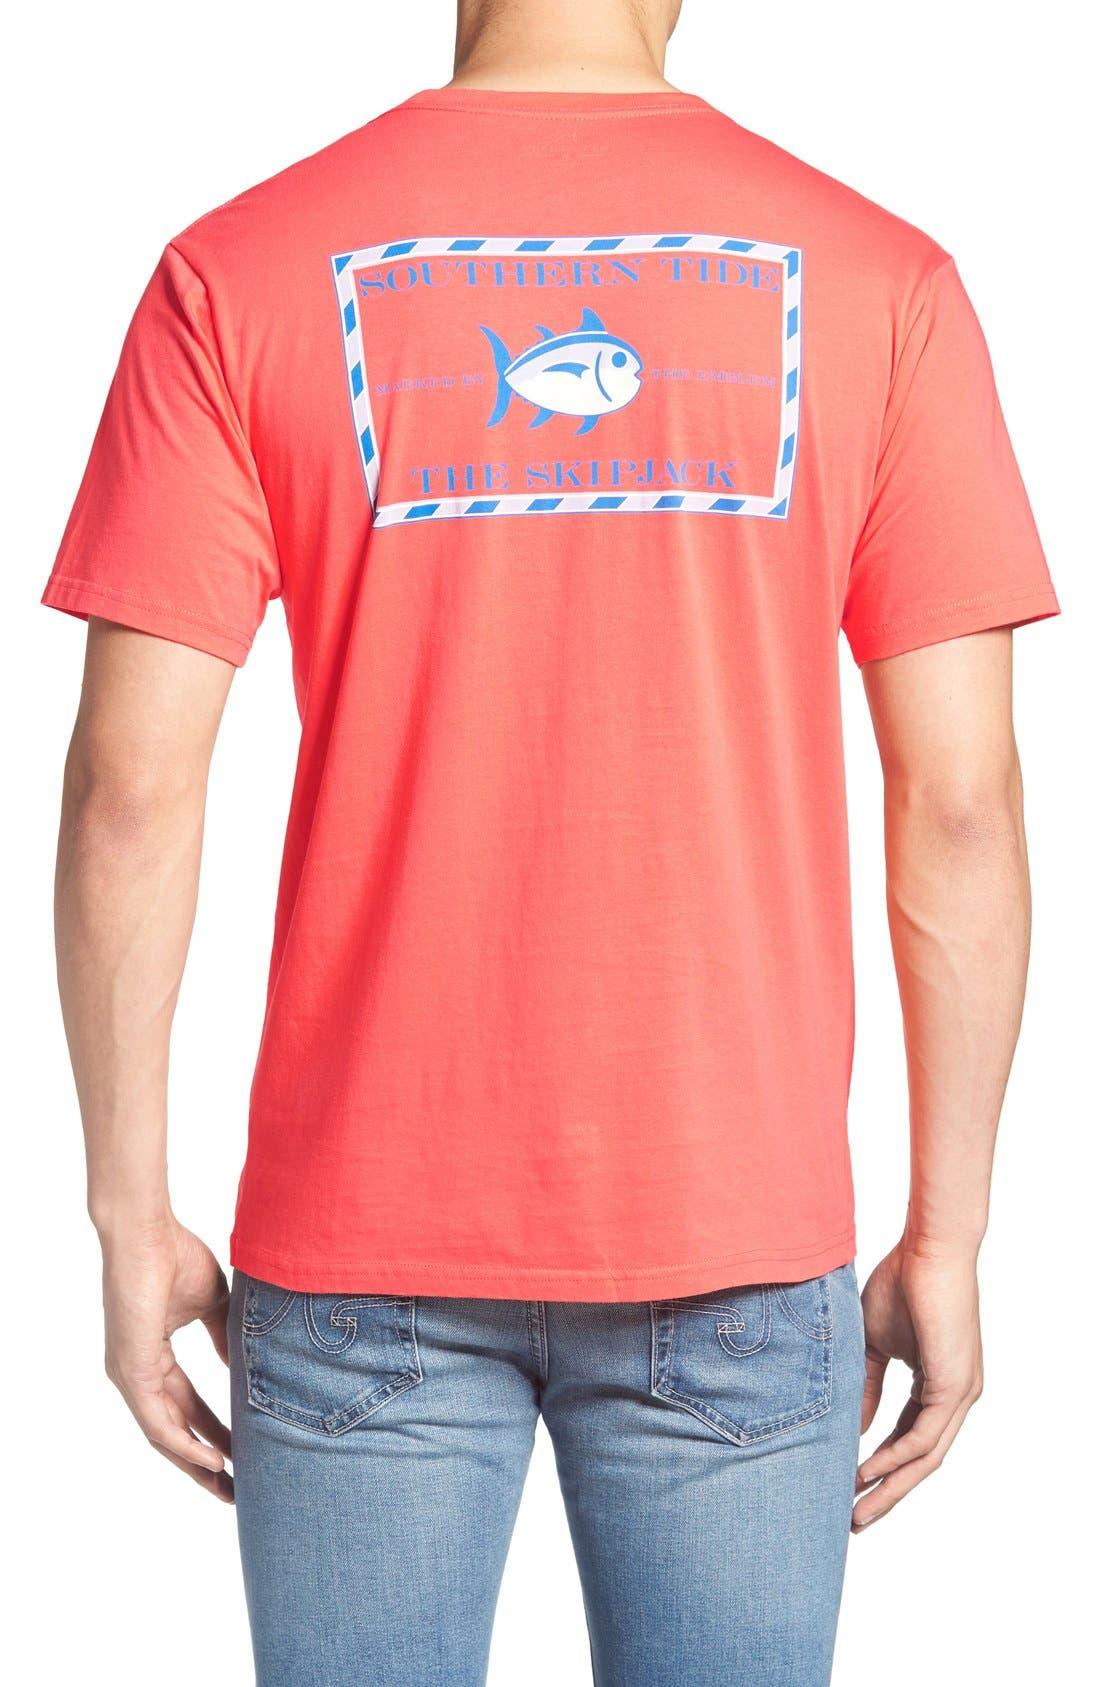 Alternate Image 1 Selected - Southern Tide Short Sleeve Skipjack T-Shirt